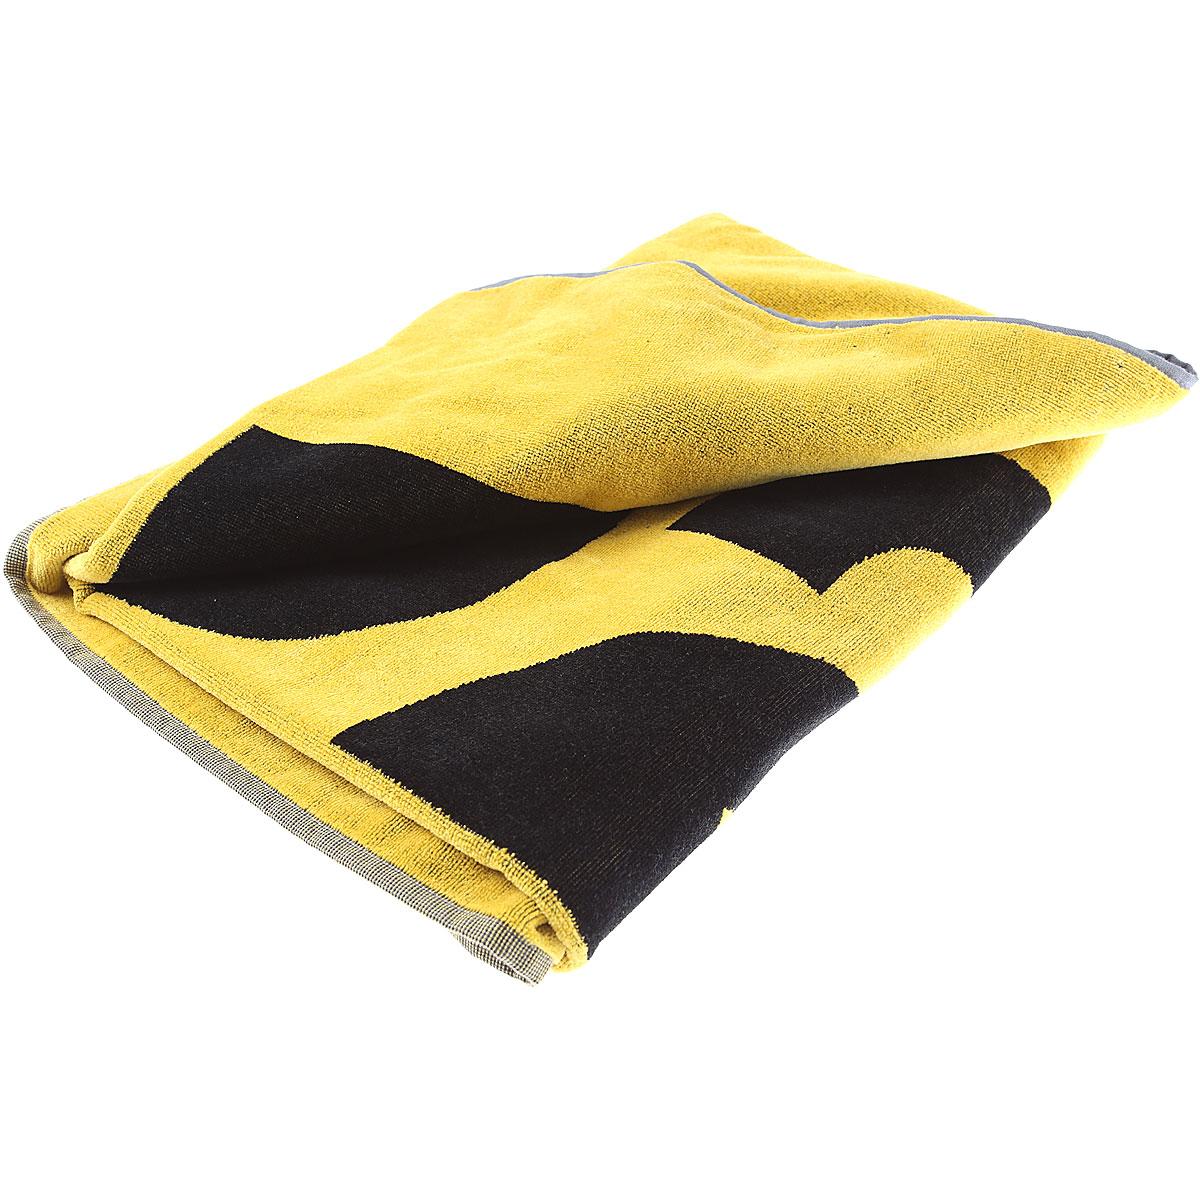 Dsquared2 Beach Towel, Black, Cotton, 2019